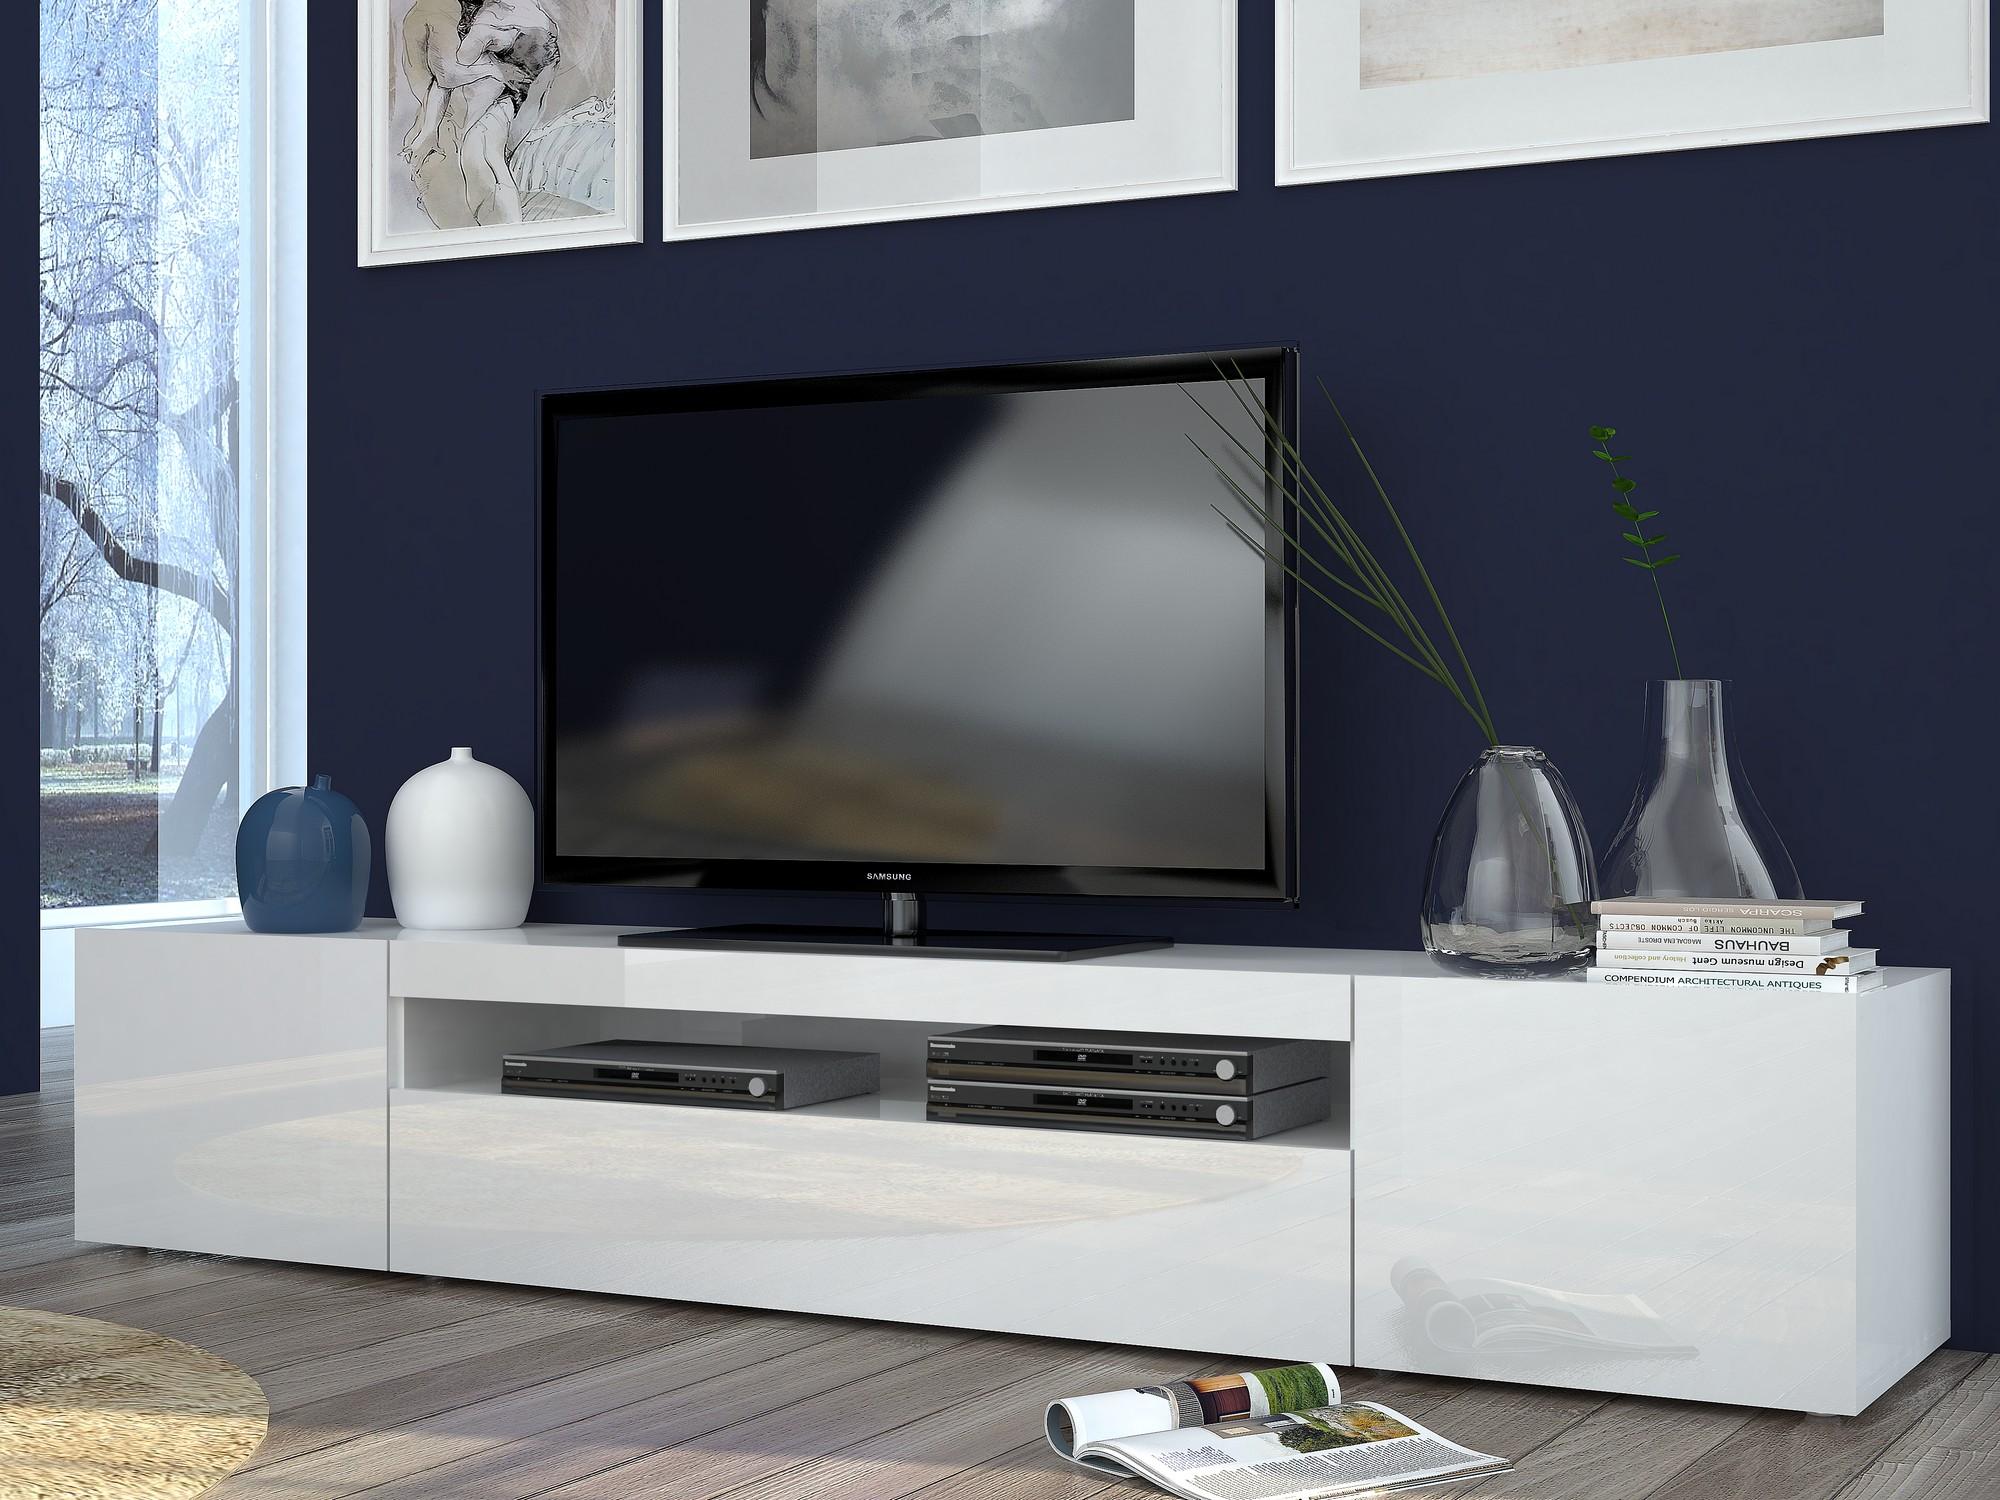 761011 tv stand tecnos italy for Mobili porta tv moderni economici